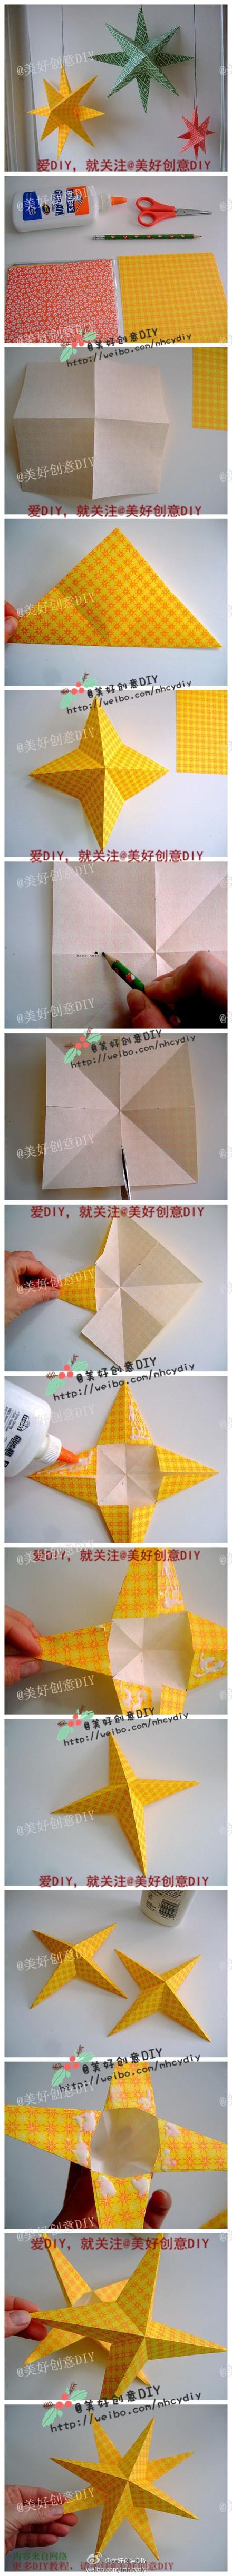 Dobbelt stjerne origami